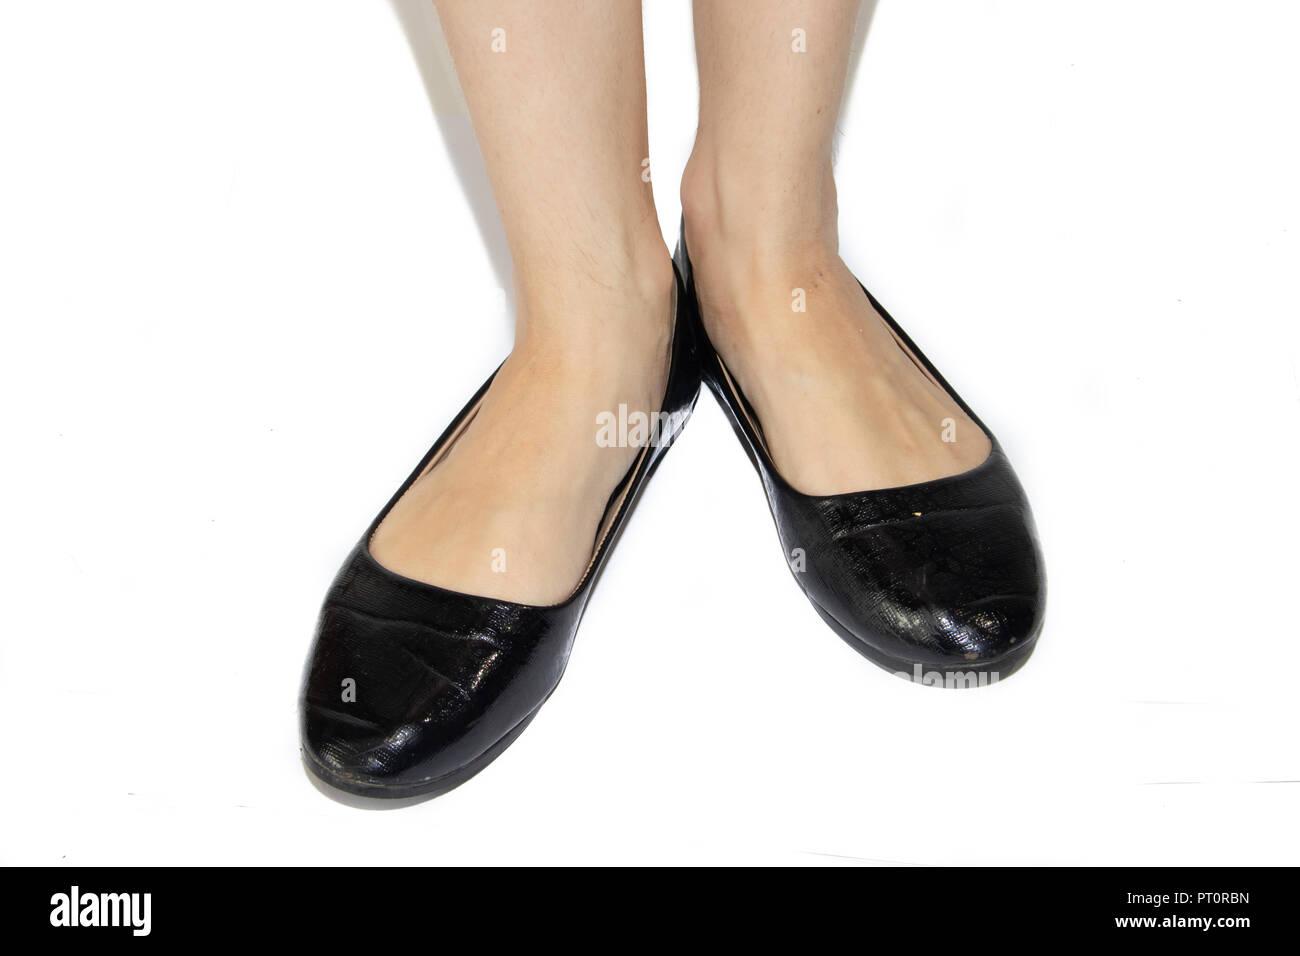 3e7a1f06b36ed Schwarze Ballerinas auf weibliche Beine auf einem weißen Hintergrund.  Damenschuhe. Damen Sommer Schuhe.